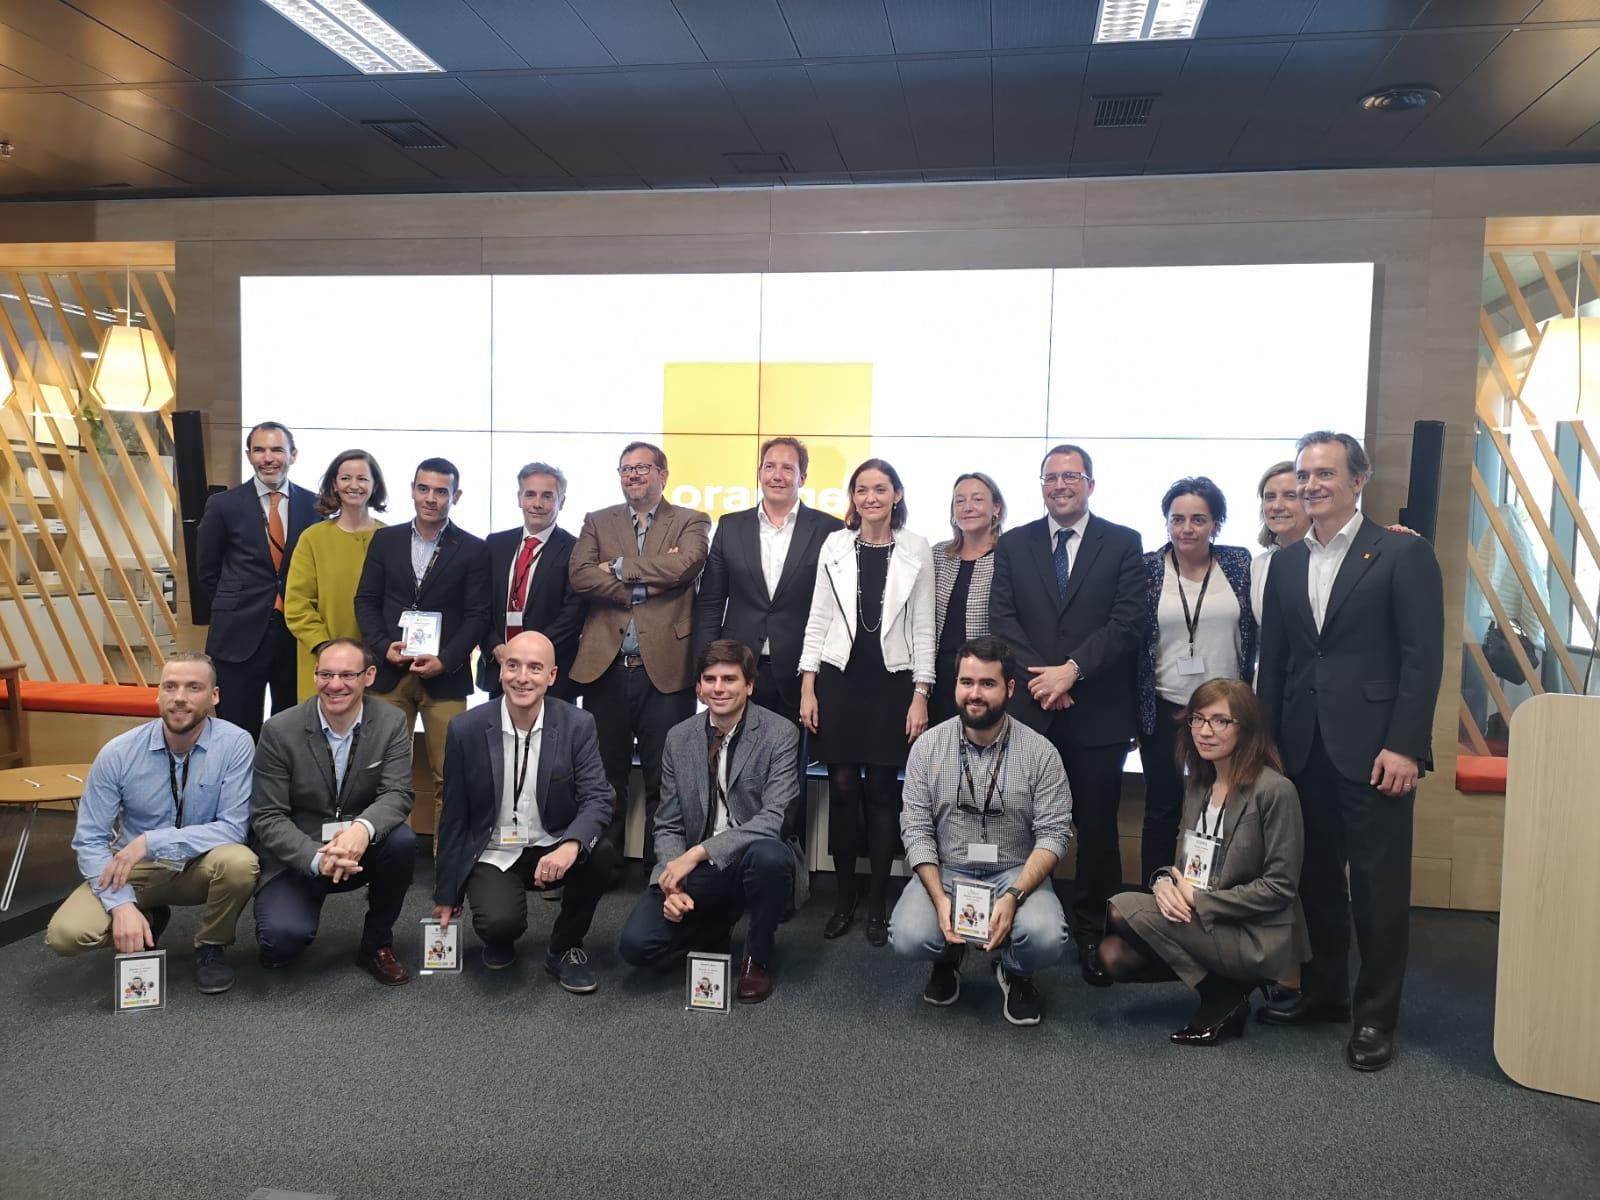 Pensumo gana el programa de emprendimiento 'Lánzate' en Economía Colaborativa y se beneficia de asesoramiento de líderes de grandes empresas